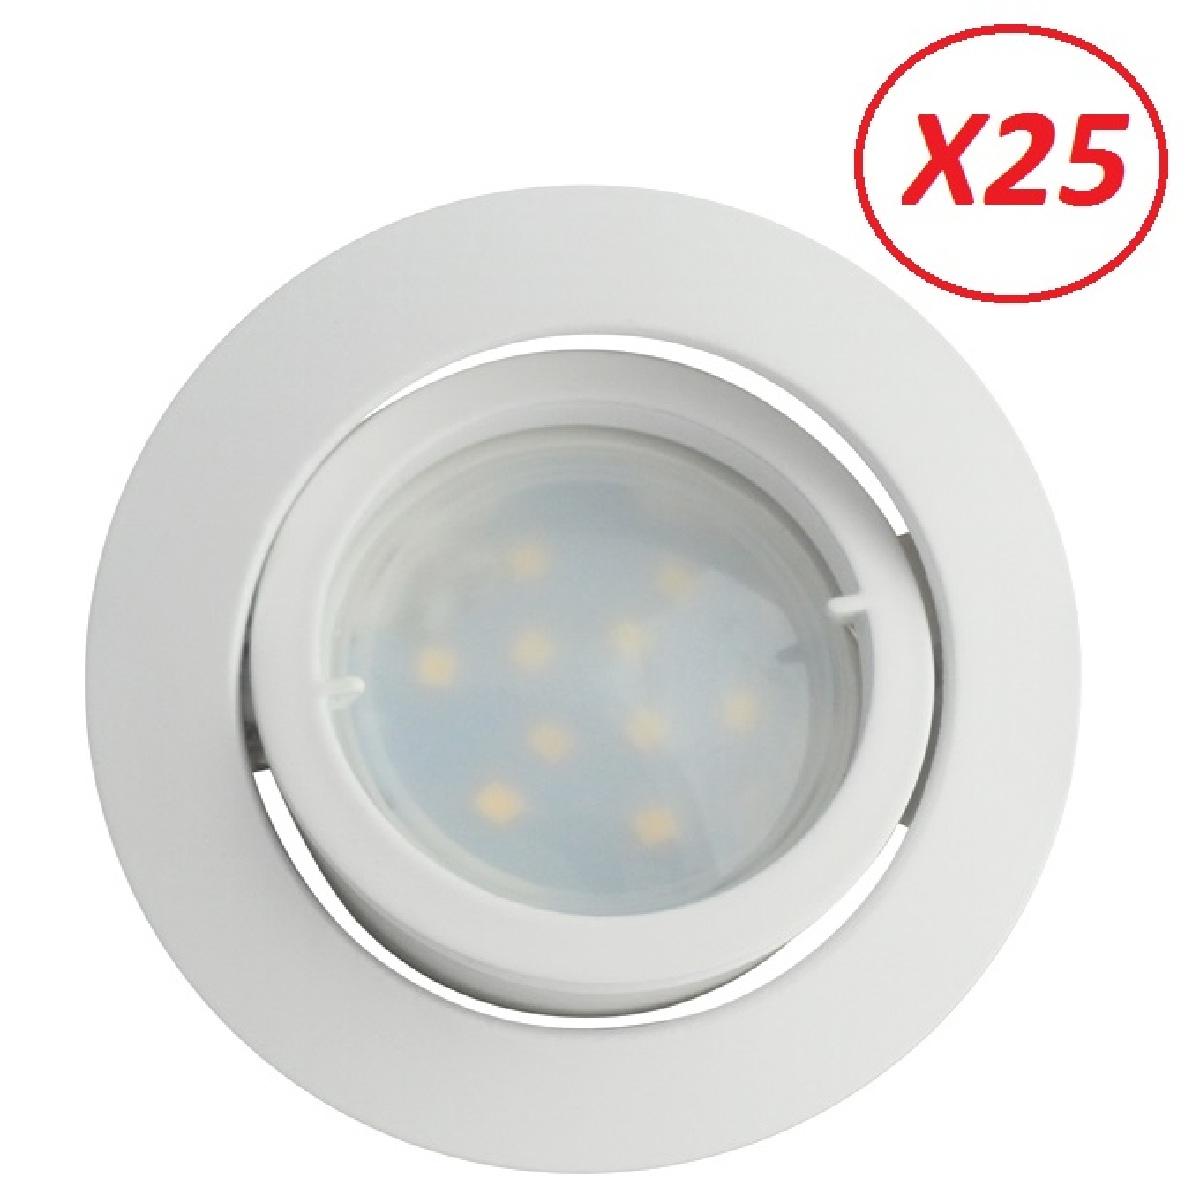 Lampesecoenergie Lot de 25 Spot Led Encastrable Complete Blanc Orientable lumière Blanc Neutre eq. 50W ref.888